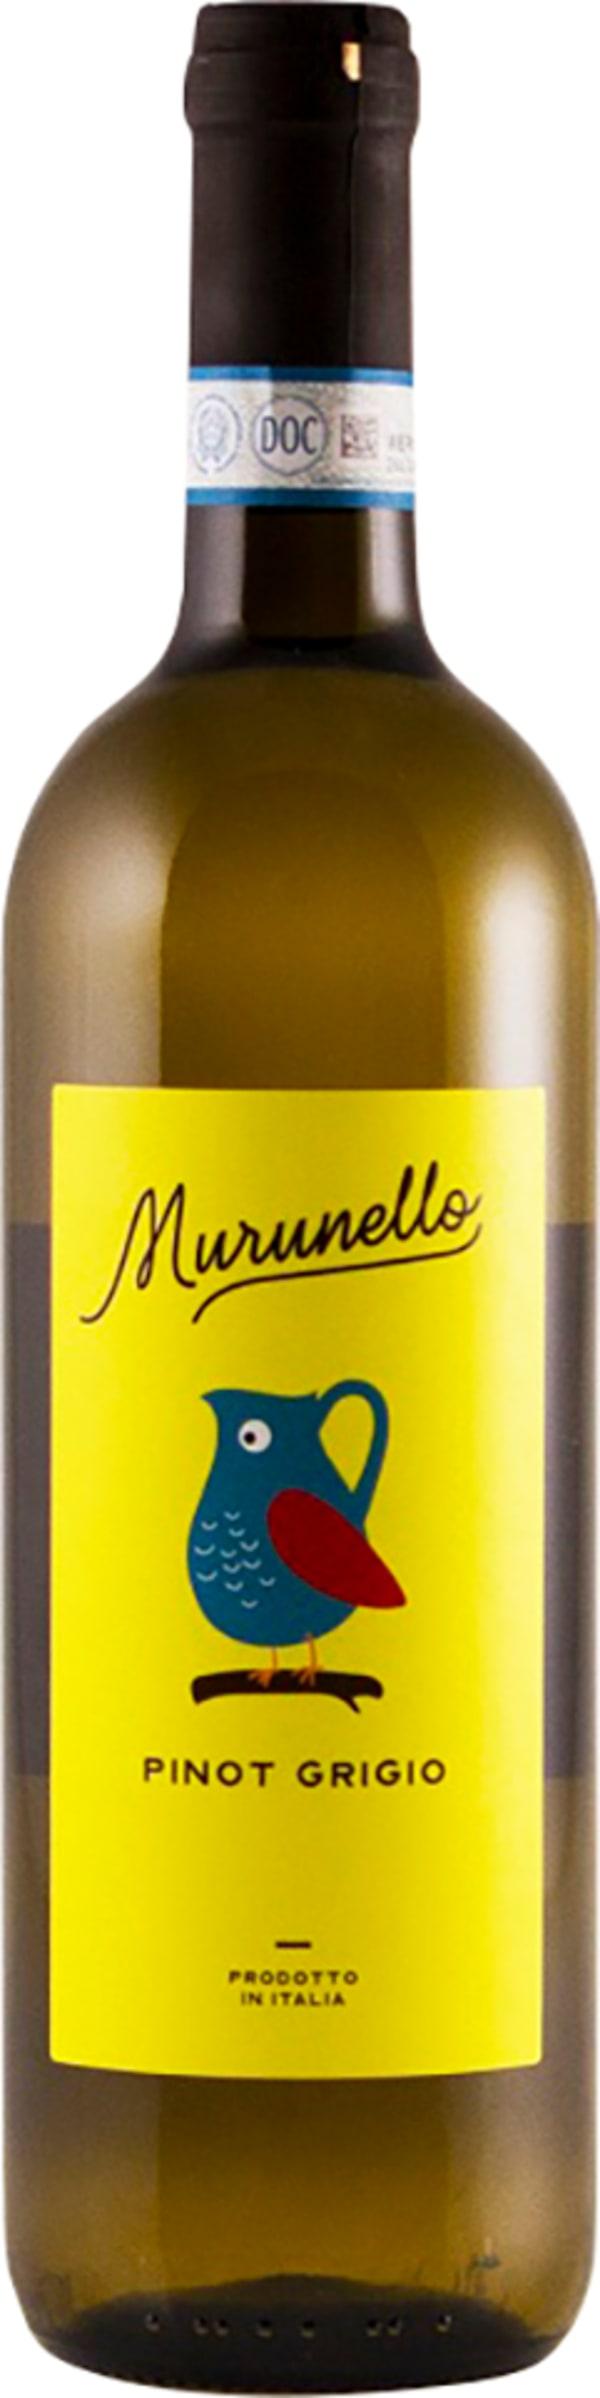 Murunello Pinot Grigio 2019